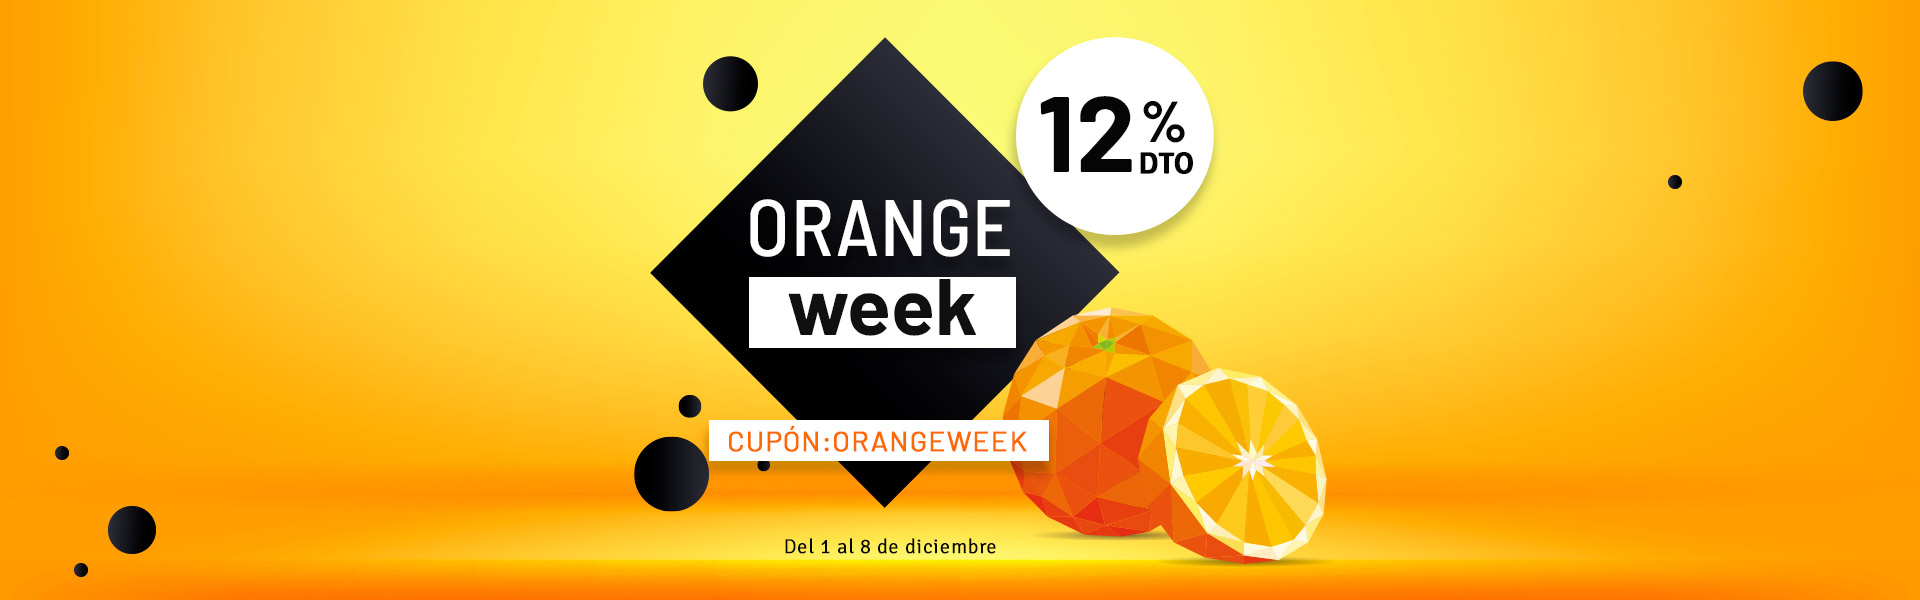 Promociones en Naranjas - Orange Week - Campos de Azahar